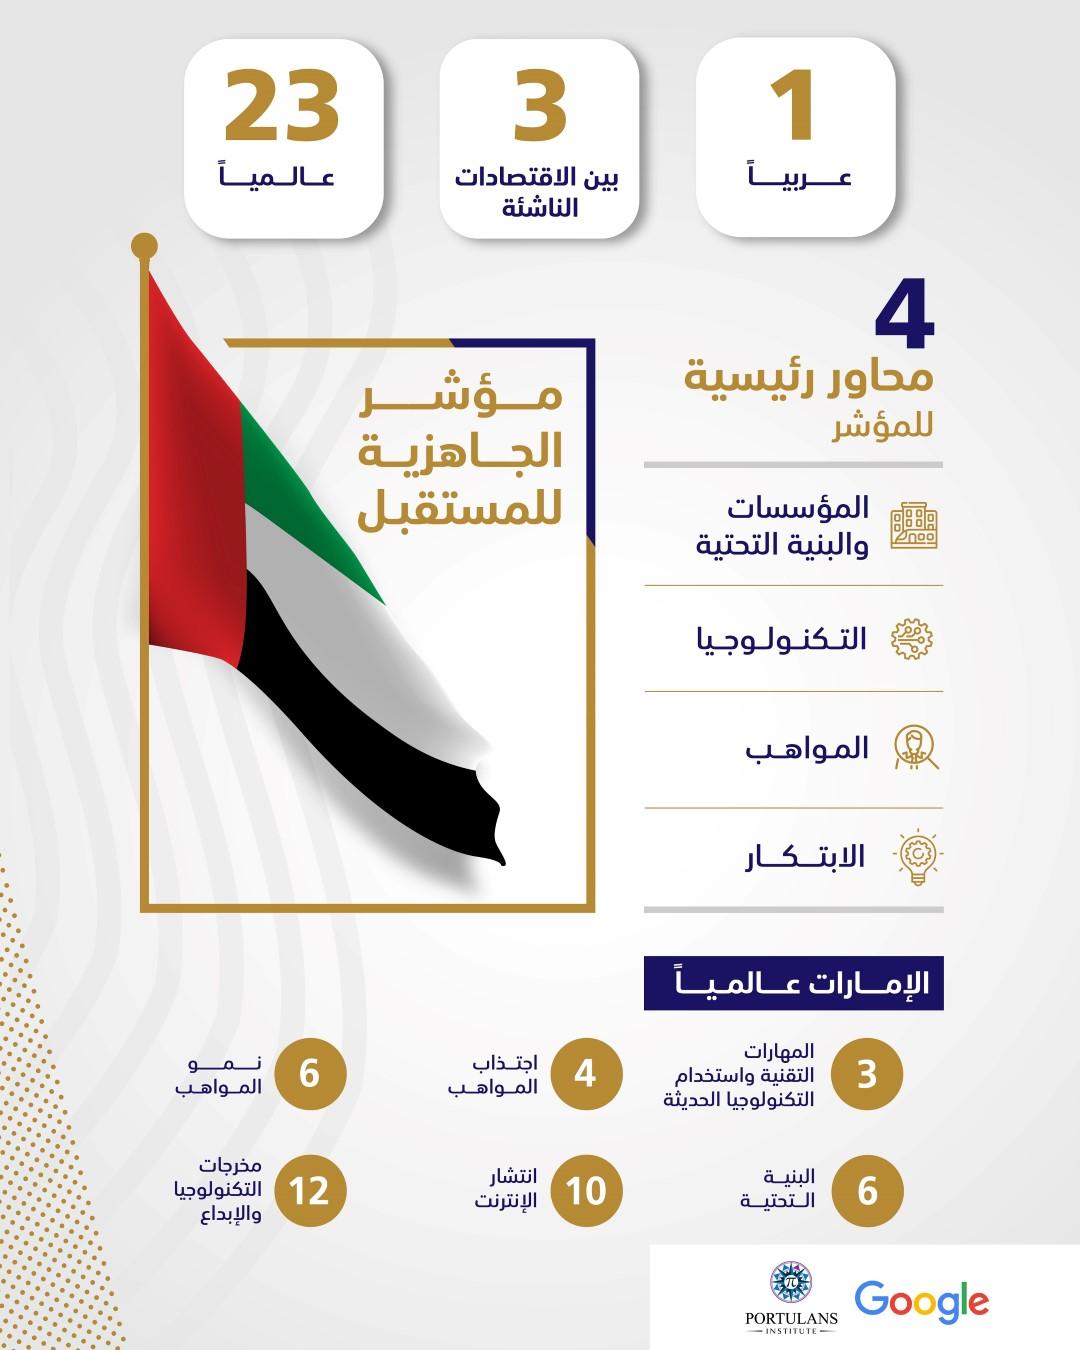 """الإمارات الأولى عربيا والثالثة بين الاقتصادات الناشئة في """"مؤشر الجاهزية للمستقبل"""""""